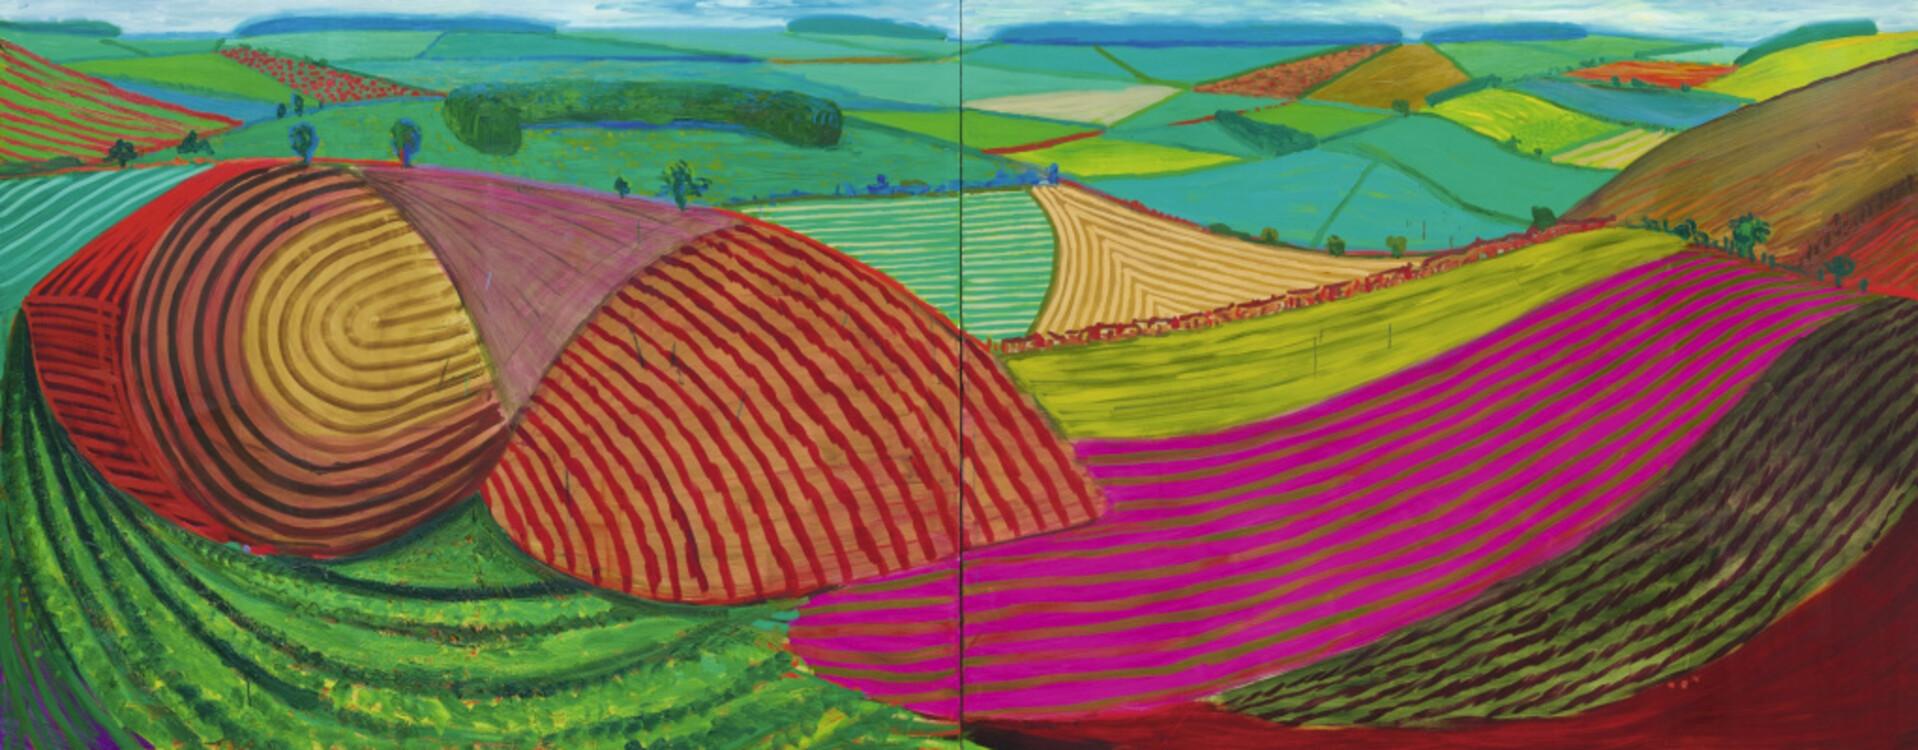 «Двойной Восточный Йоркшир», 1998